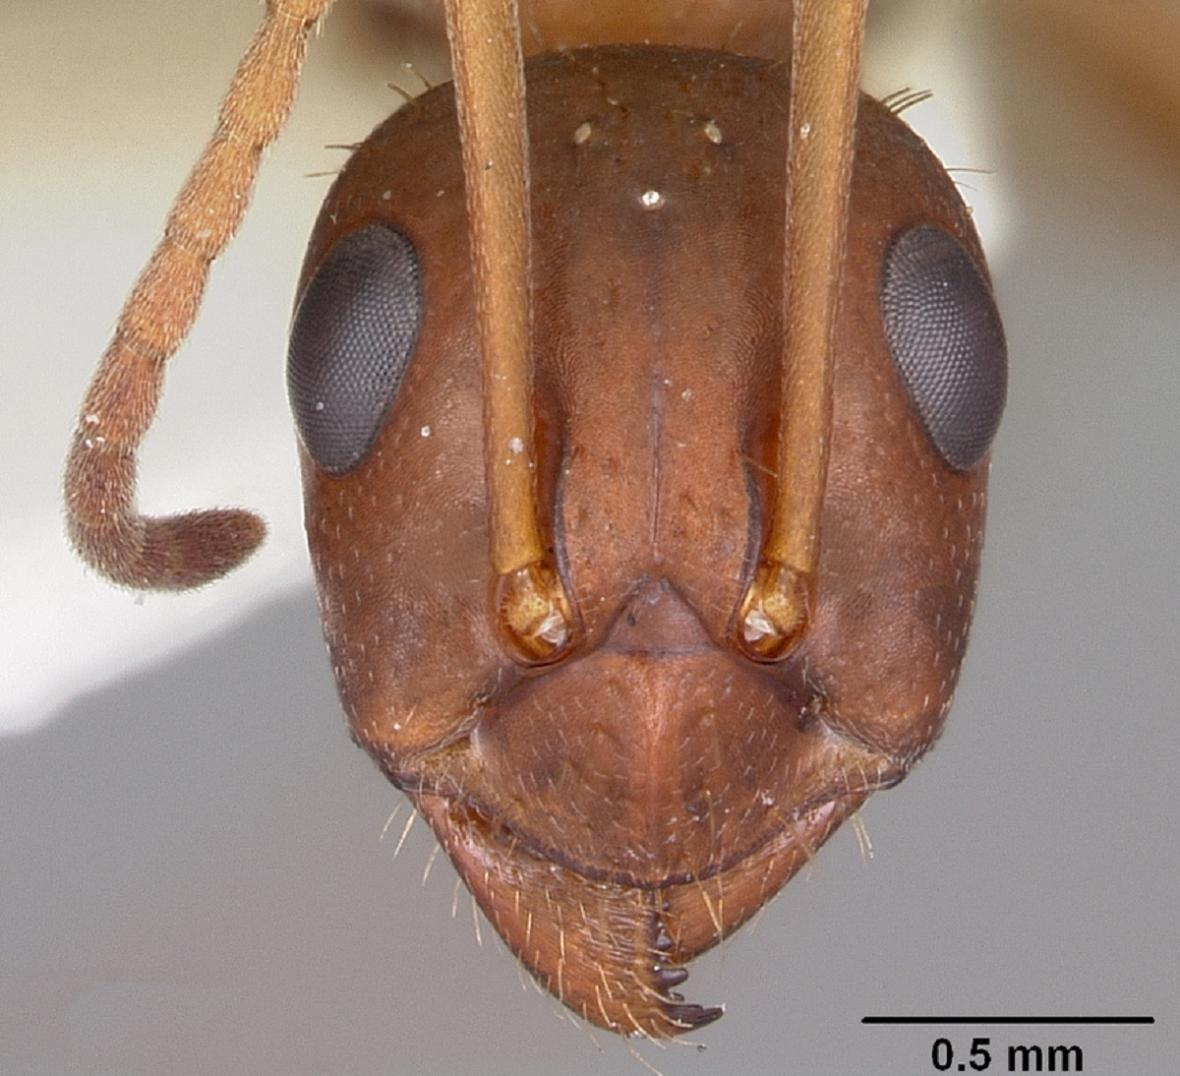 Hlava dělnice mravence Formica archboldi